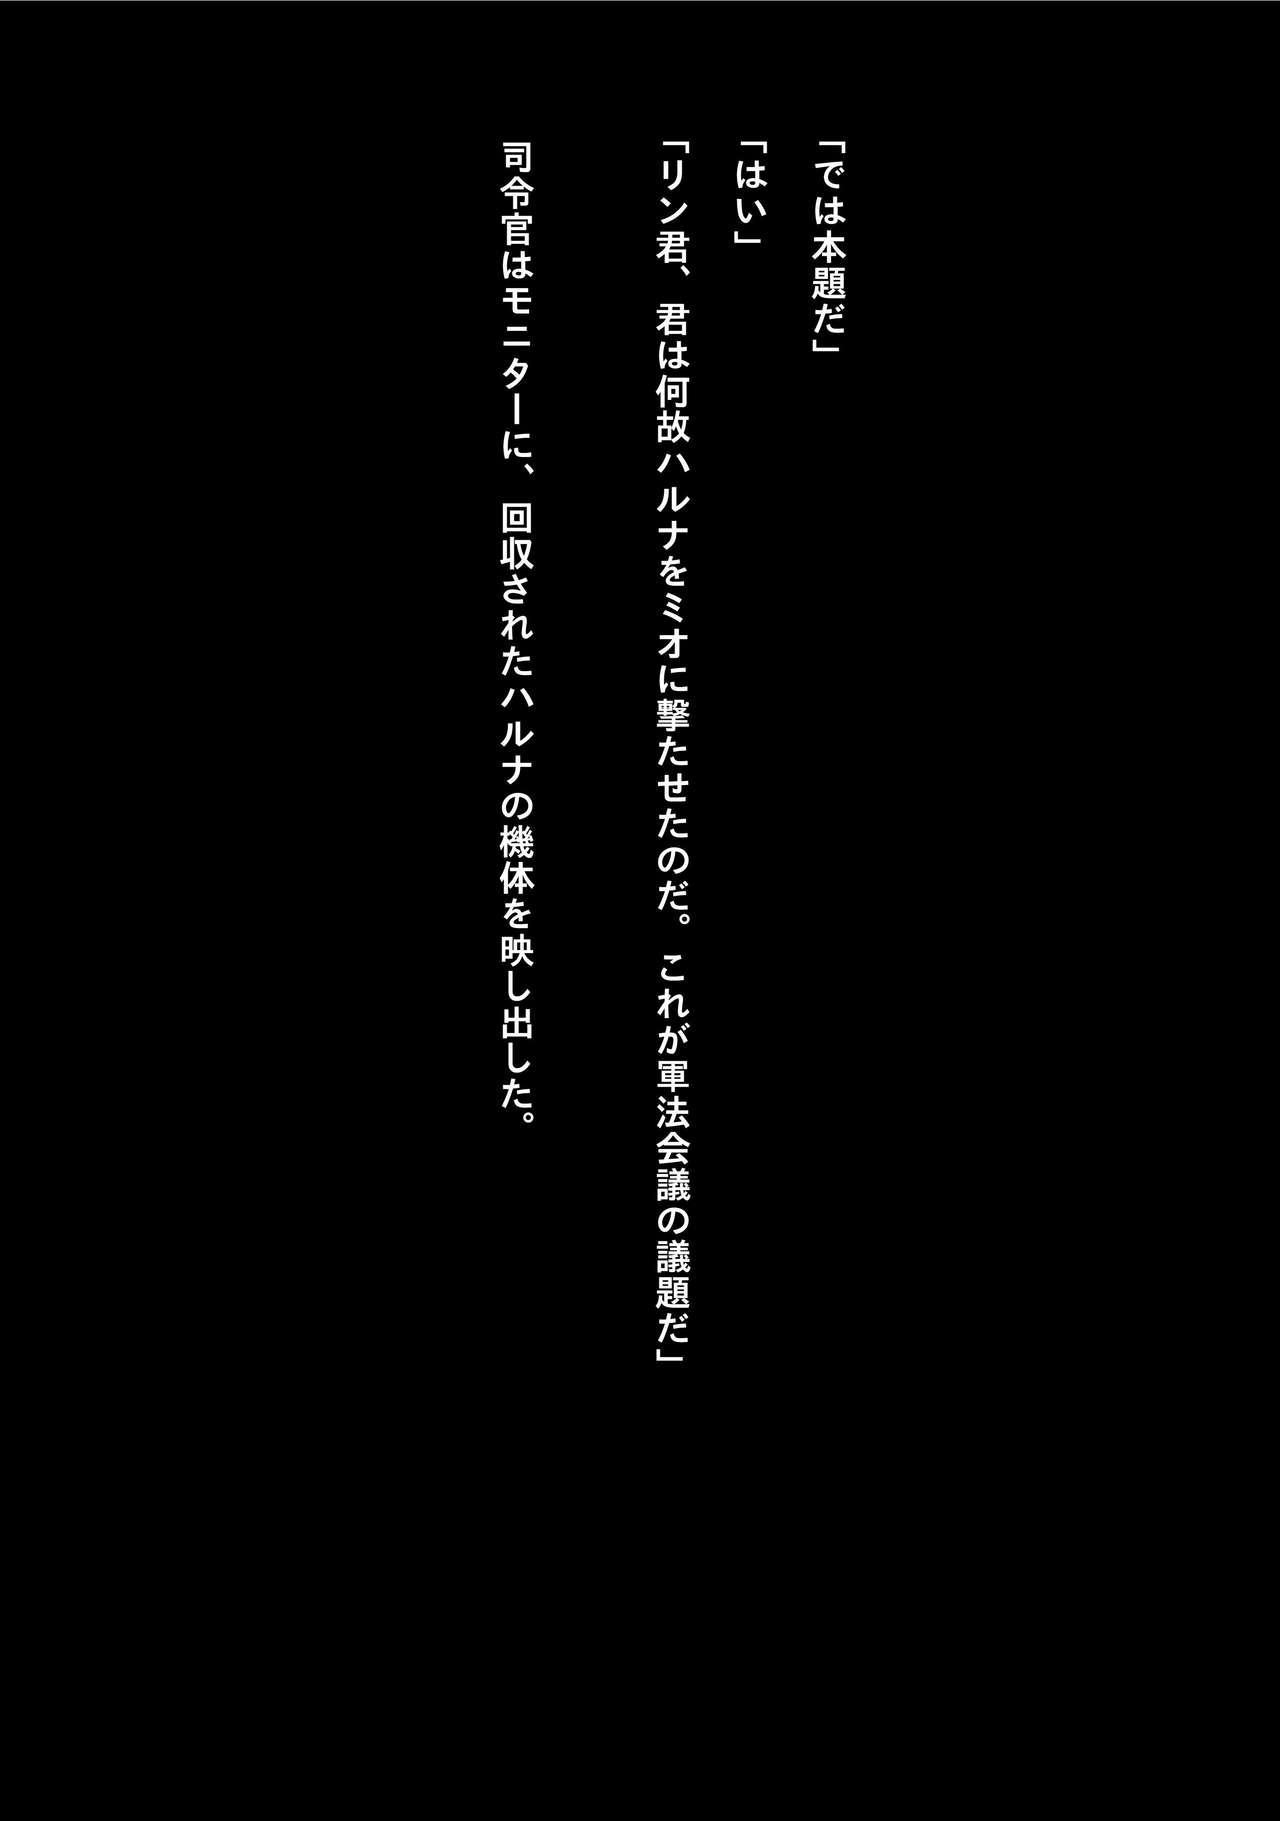 Idol Cyber Battle NEO GENERATOR episode 3 Seisan! Shi o kakugo shita shunkan 12